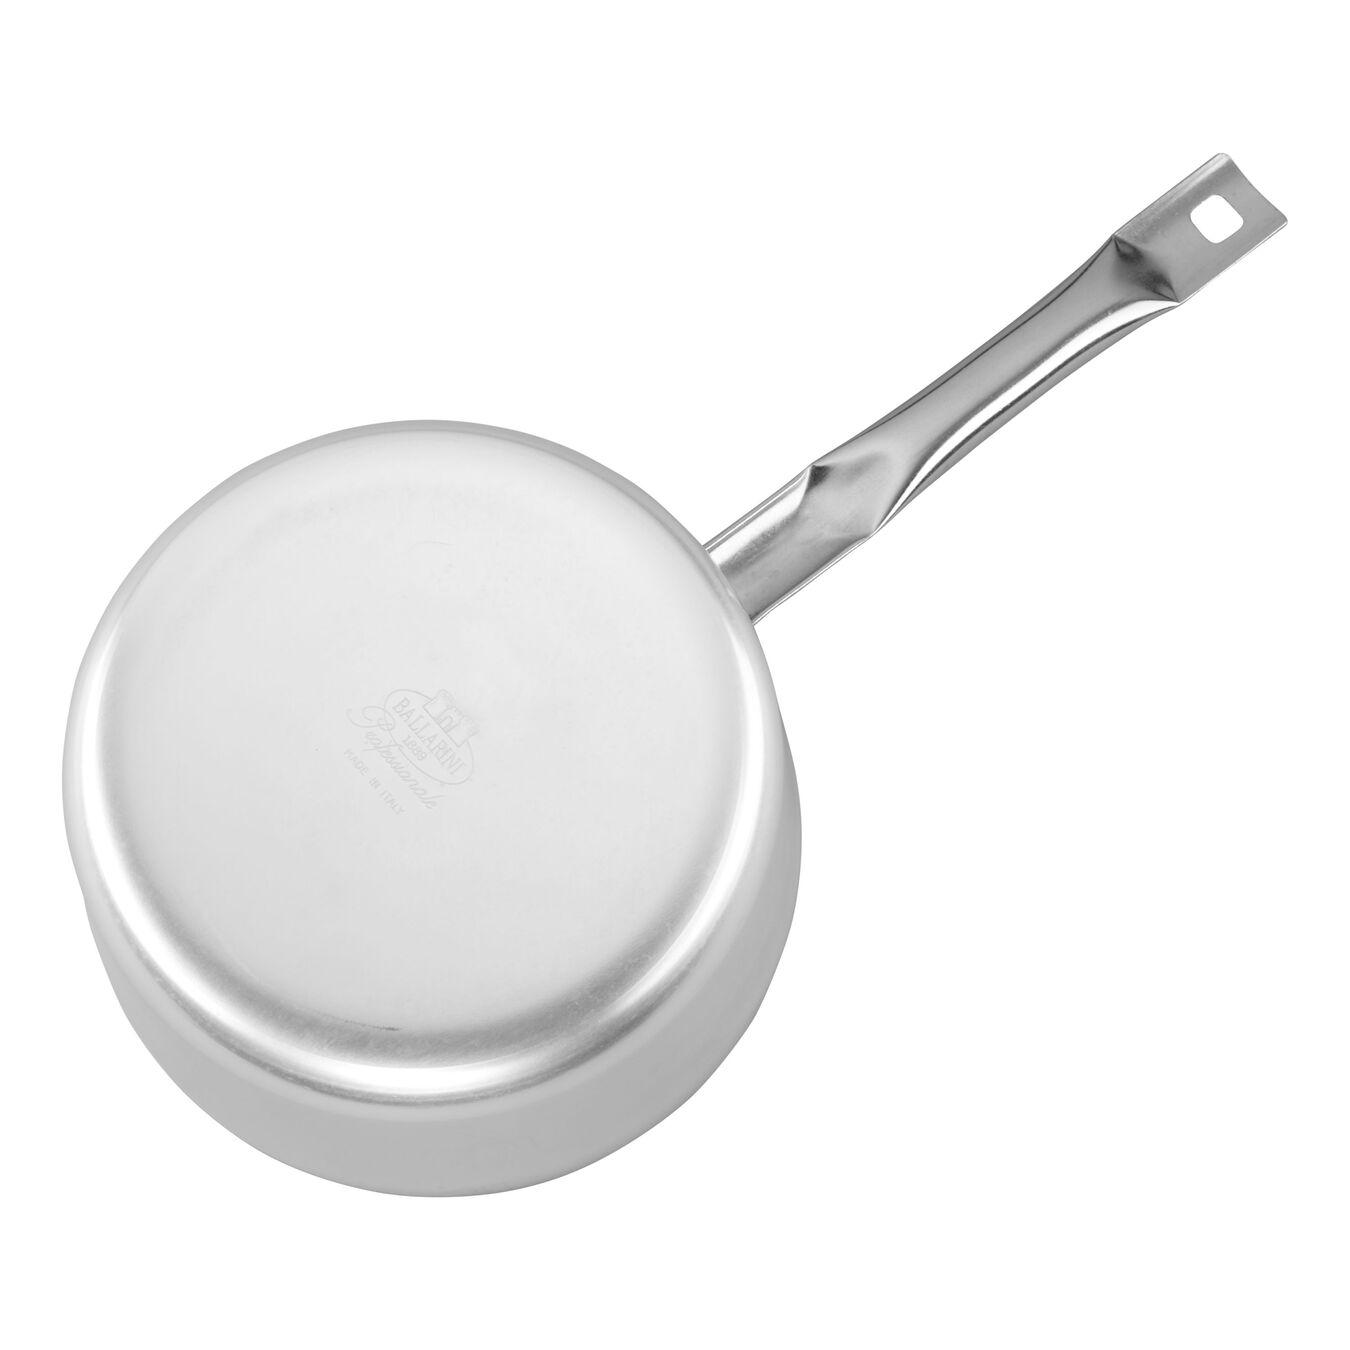 6 qt Sauce pan, aluminium ,,large 3